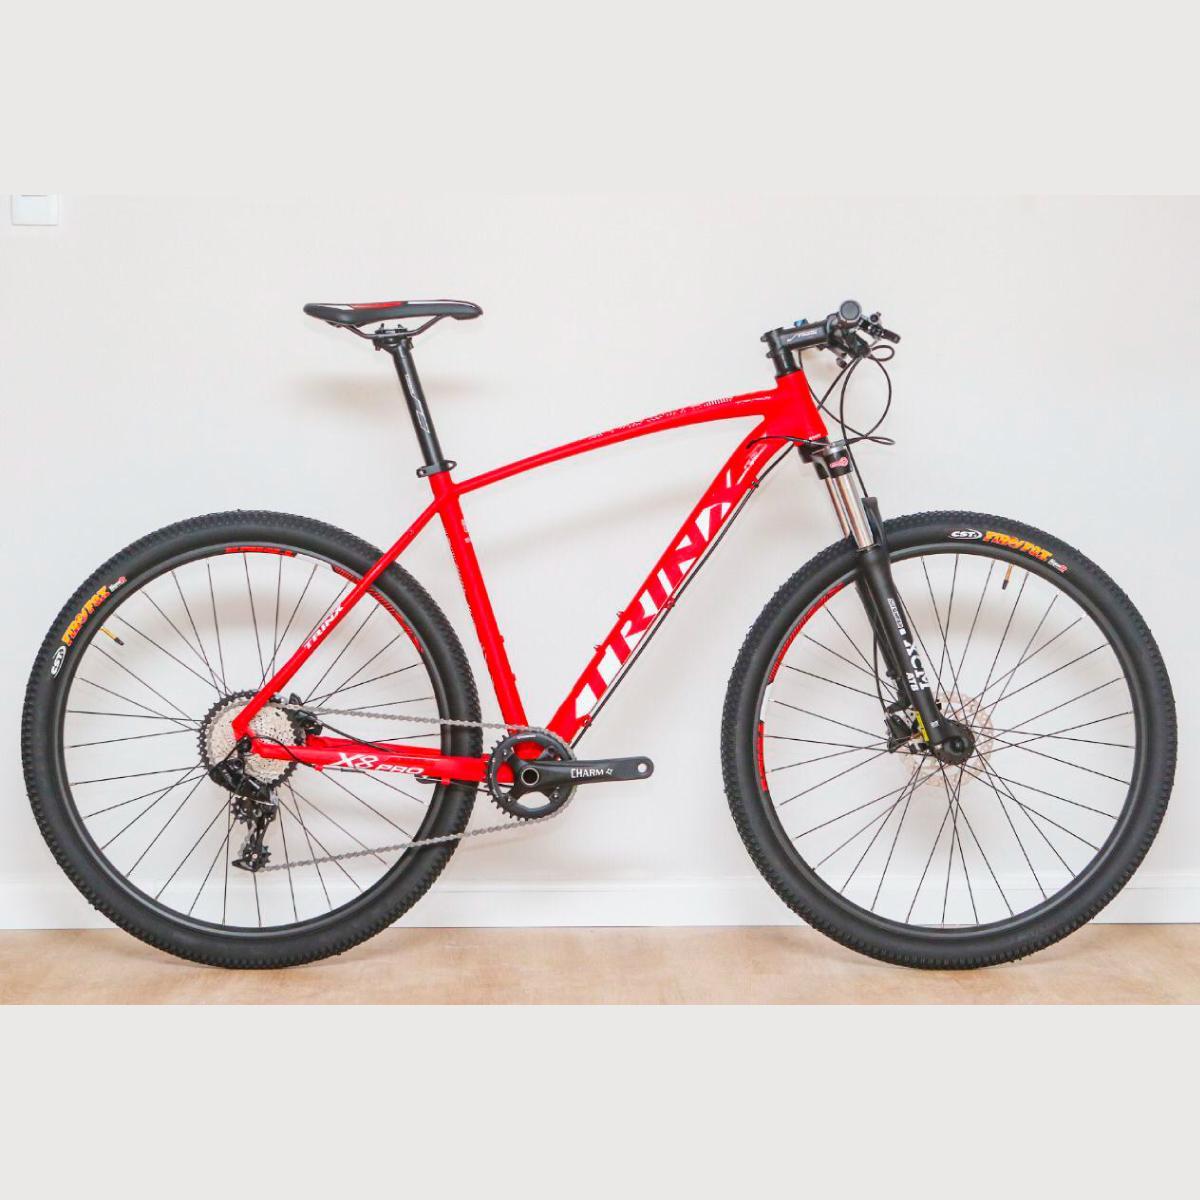 Bike Trinx X8 Pro 2020 11v Sram Vermelho Branco